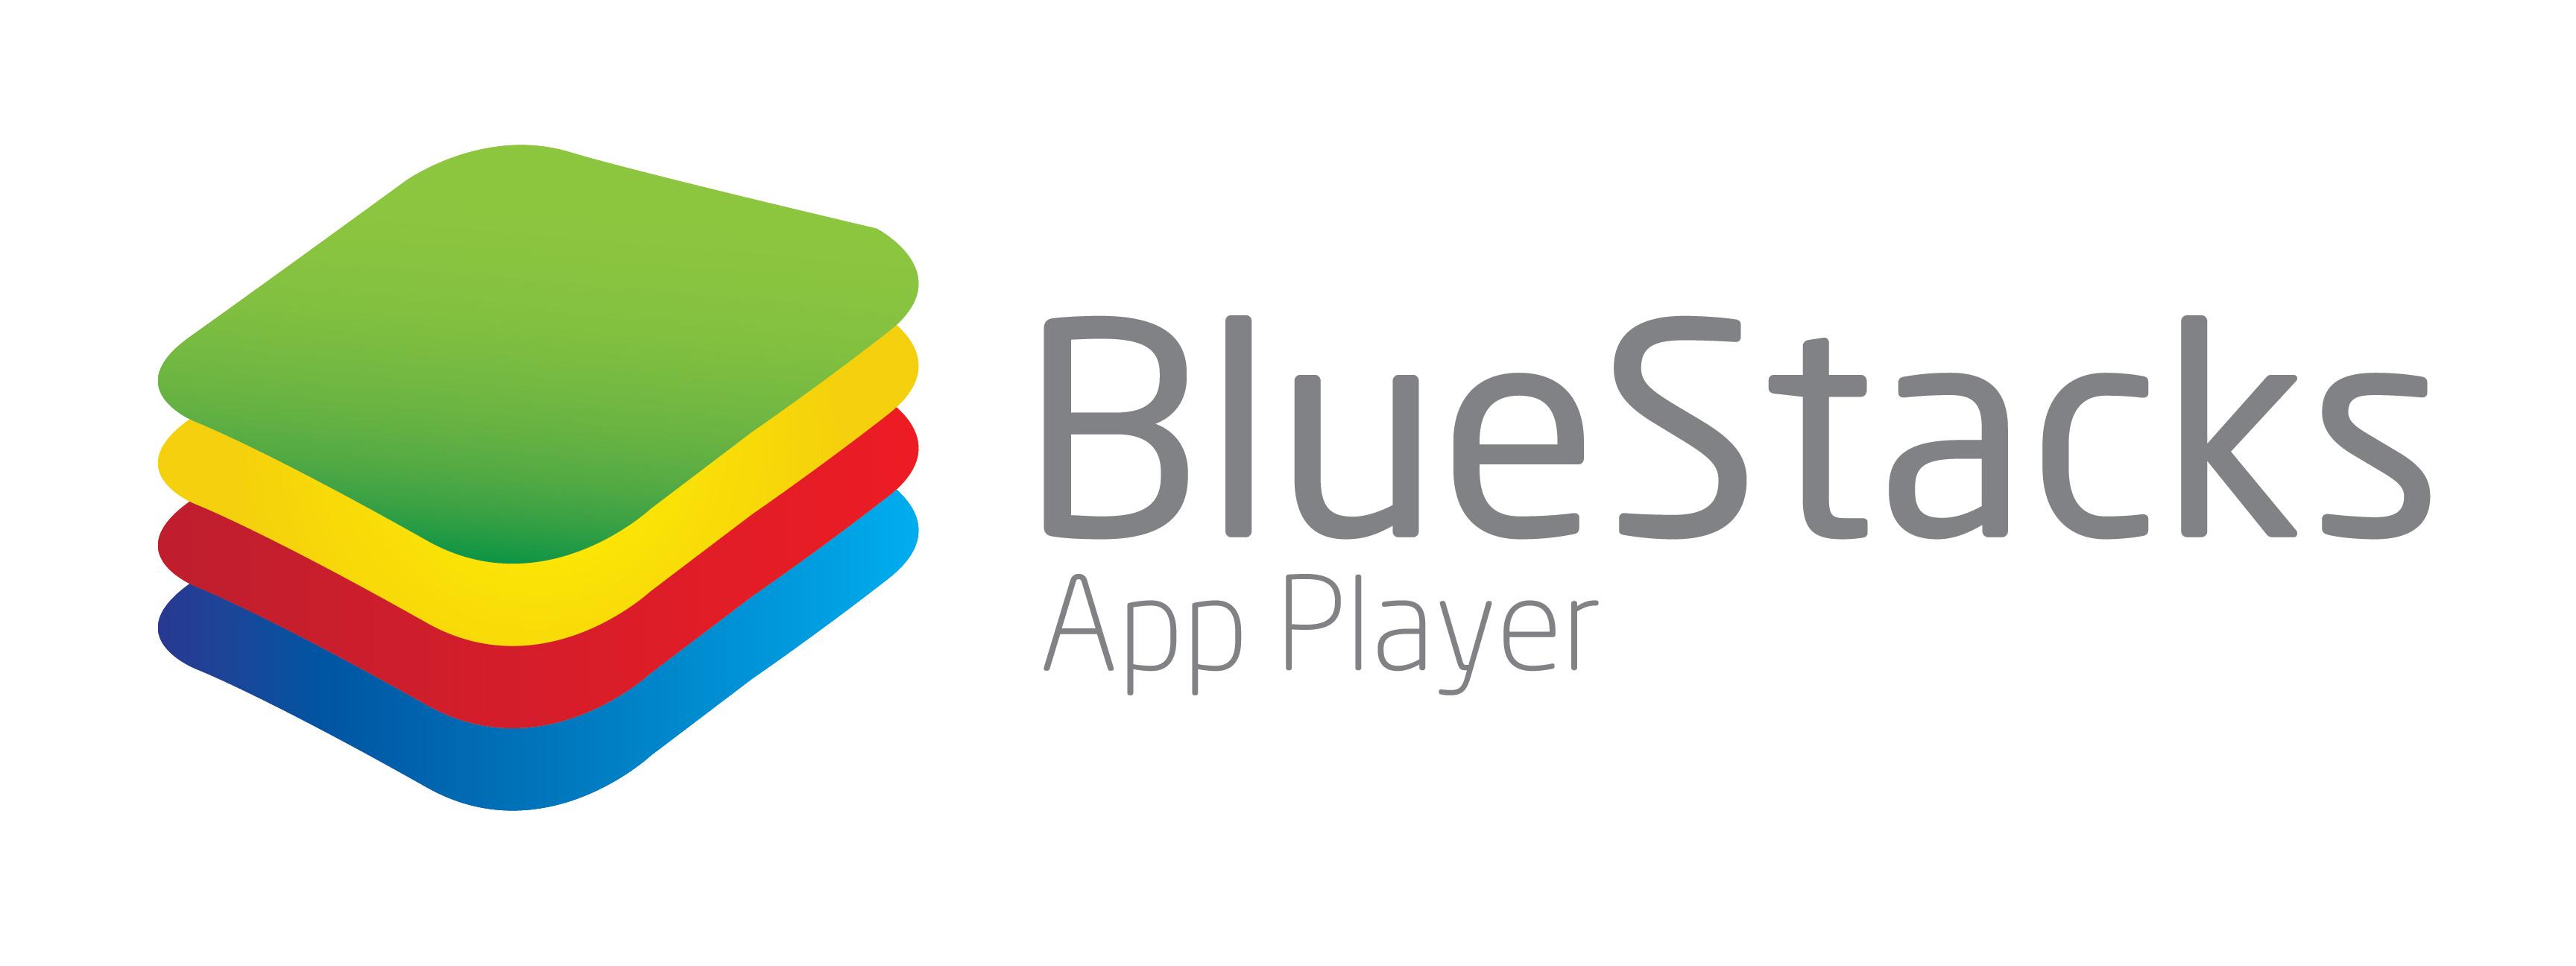 دانلود BlueStacks App Player v2.5.78.7302 + v2.3.32.6228 Rooted - اجرای برنامه و بازیهای آندروید بر روی ویندوز